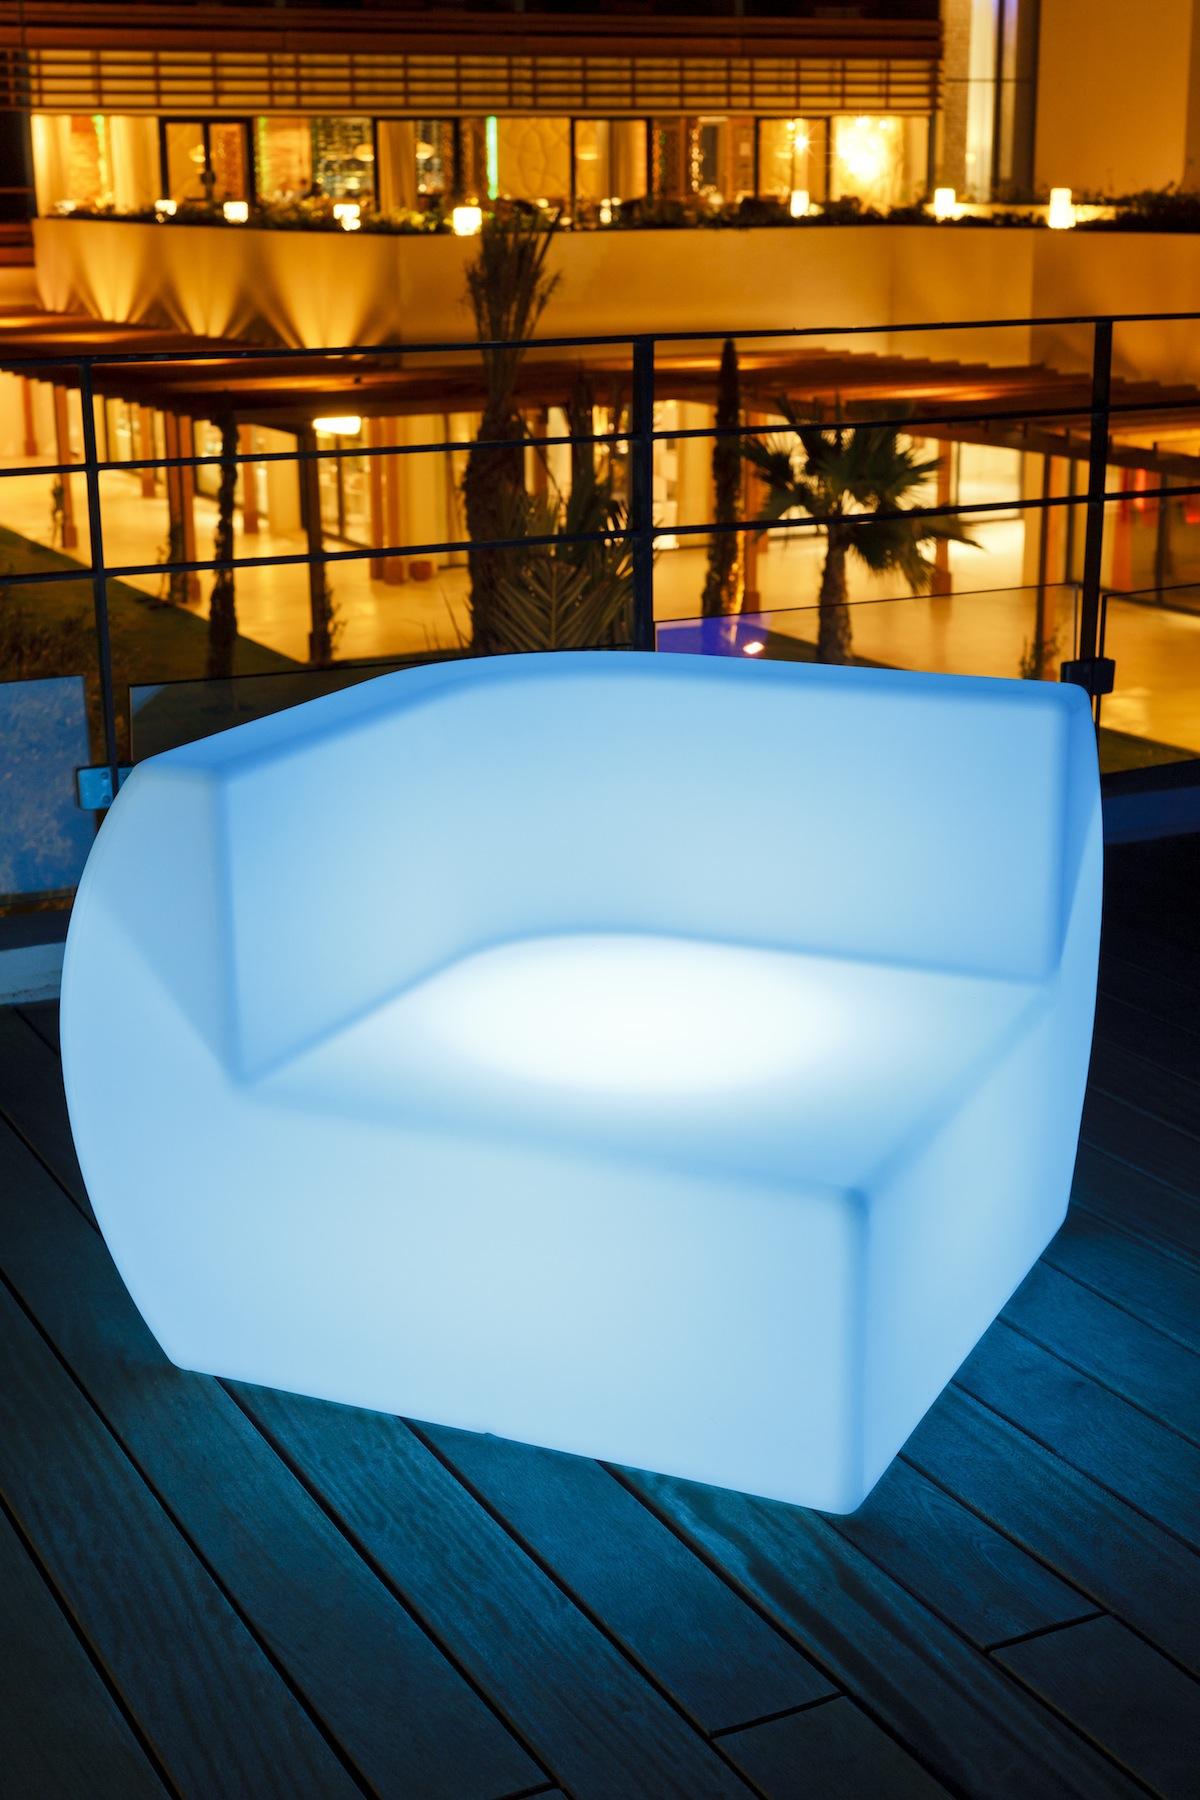 Чудный предмет мебели с неоновой подсветкой